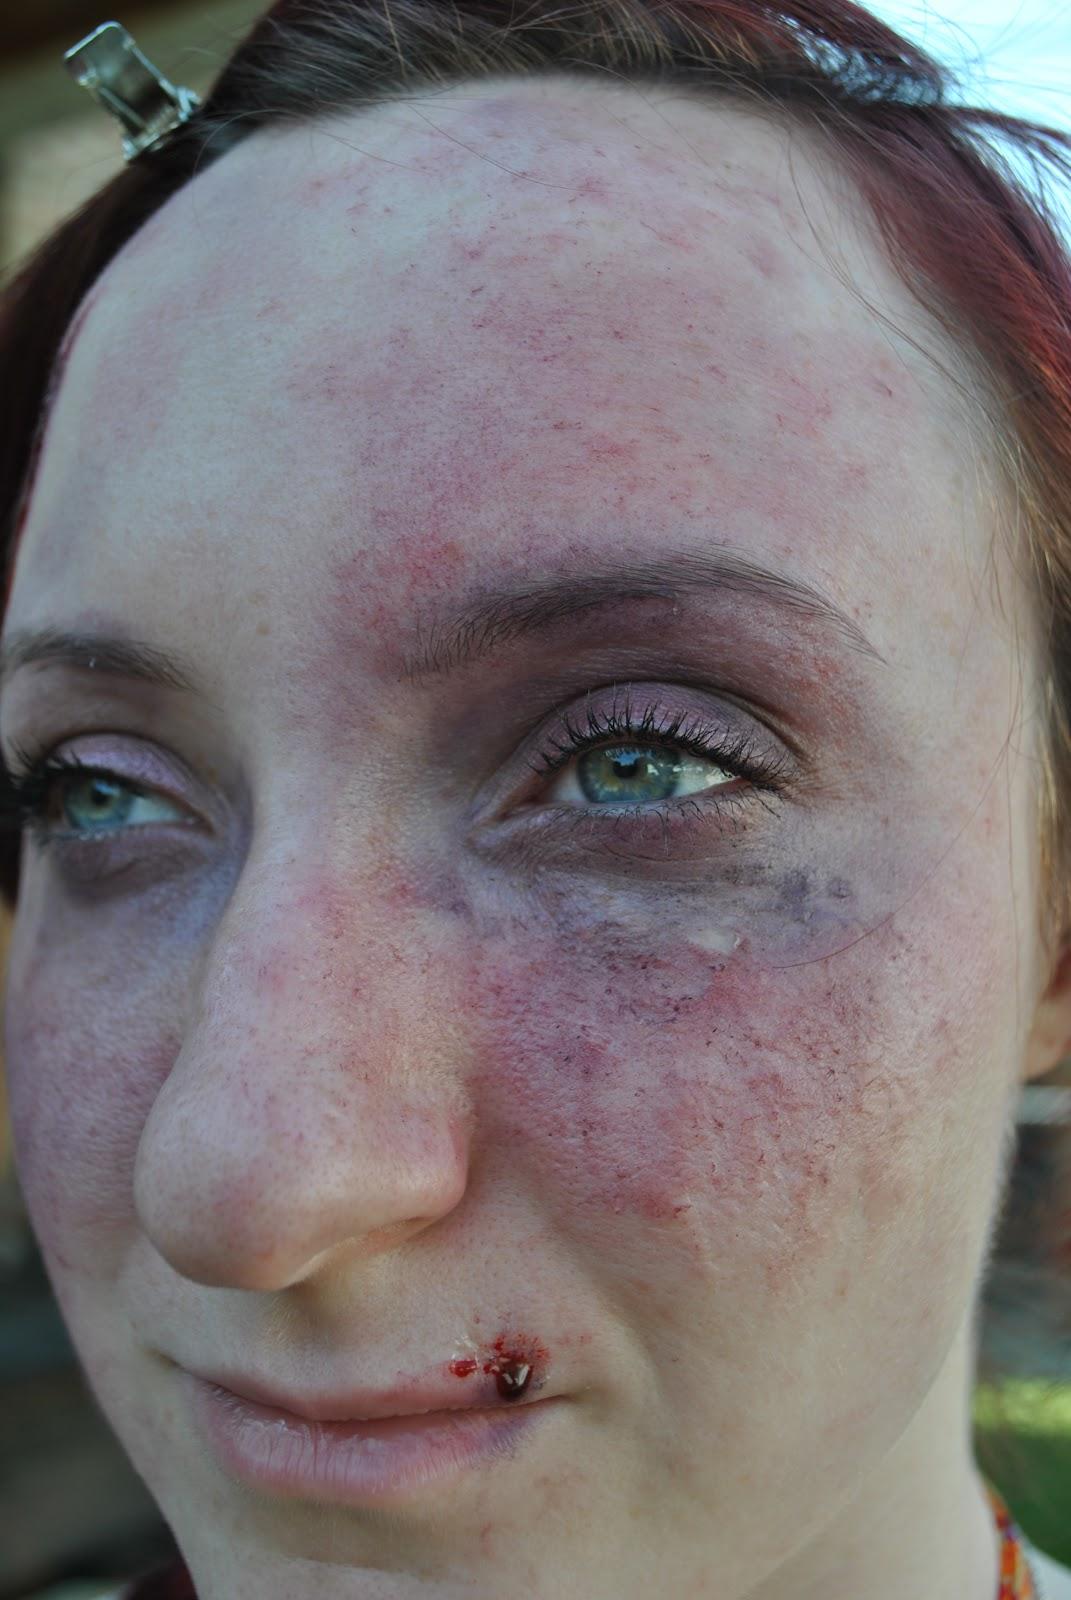 Makeup Ideas bruise makeup : Makeup: Bruise Testing 02